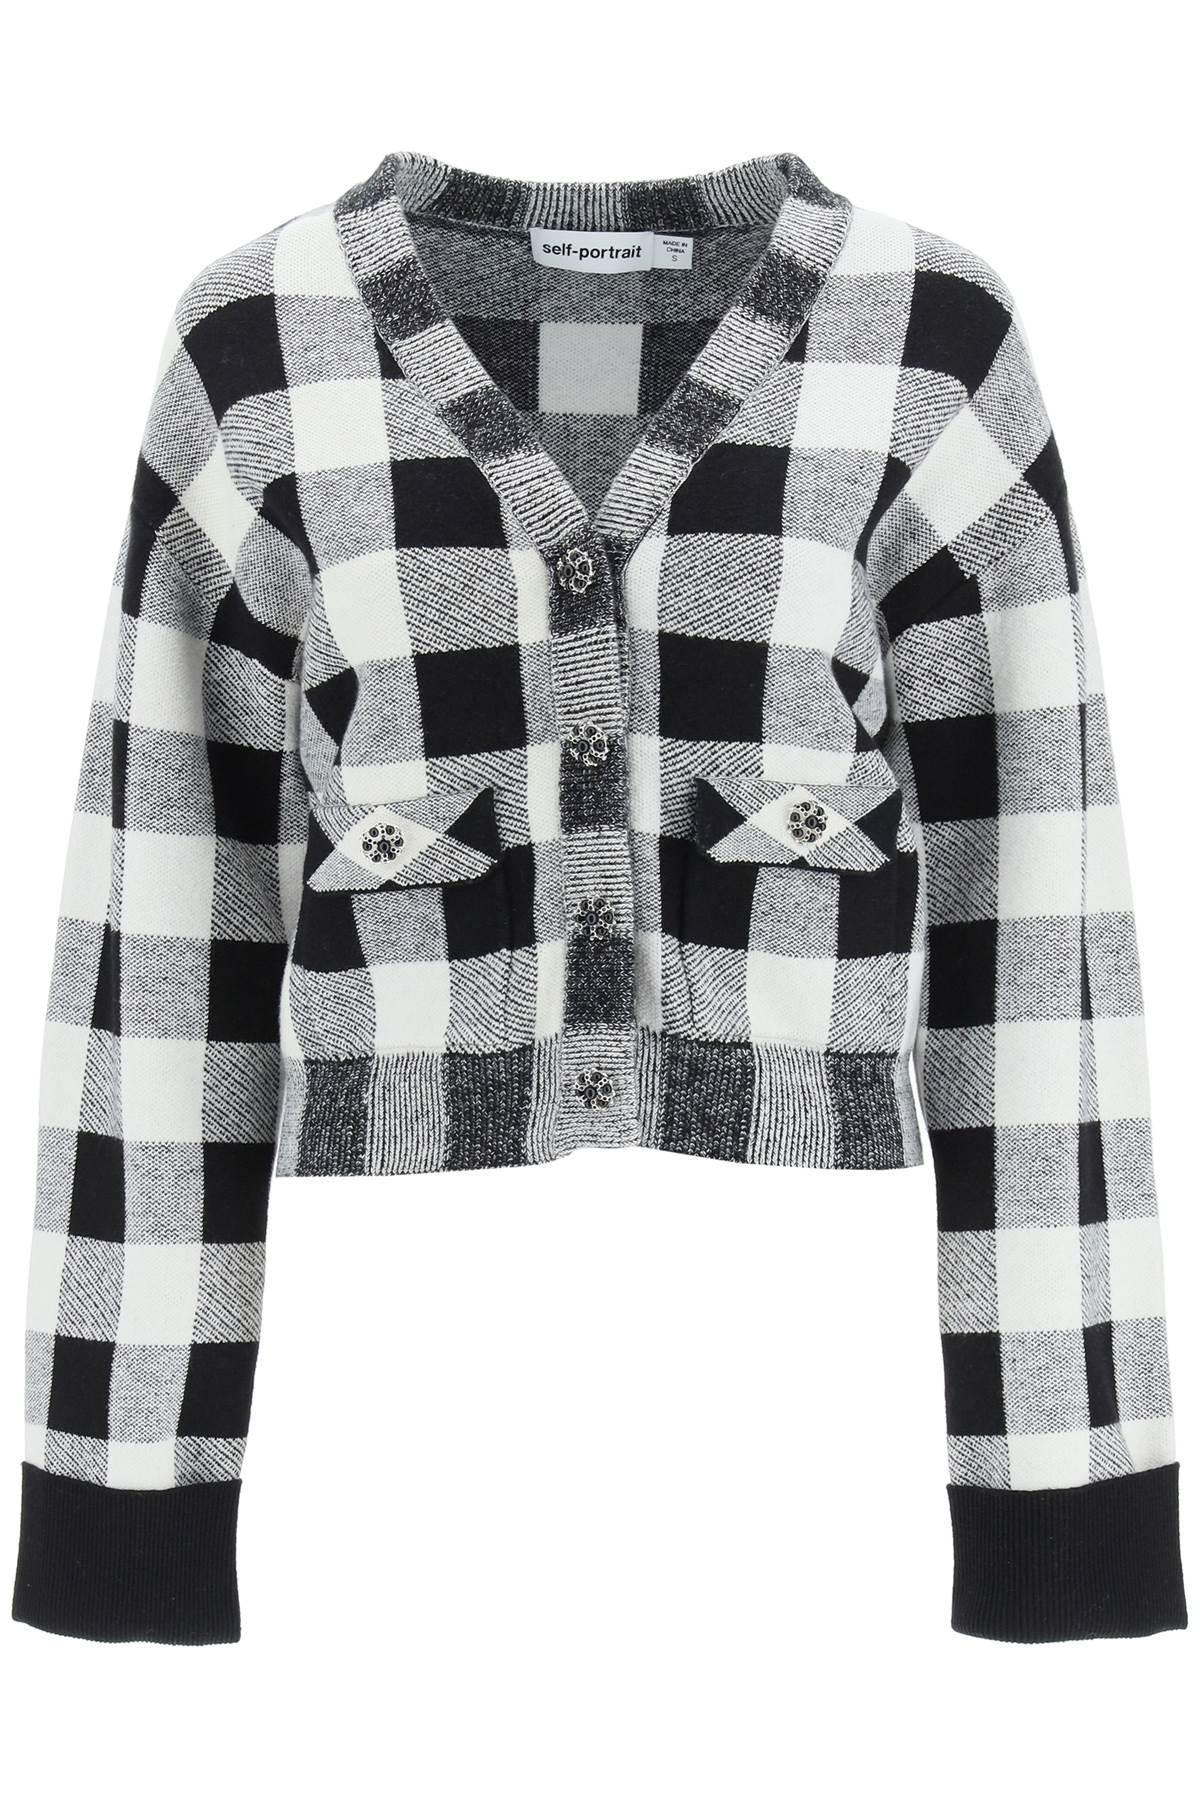 self portrait cardigan check con bottoni gioiello l bianco, nero cotone, lana